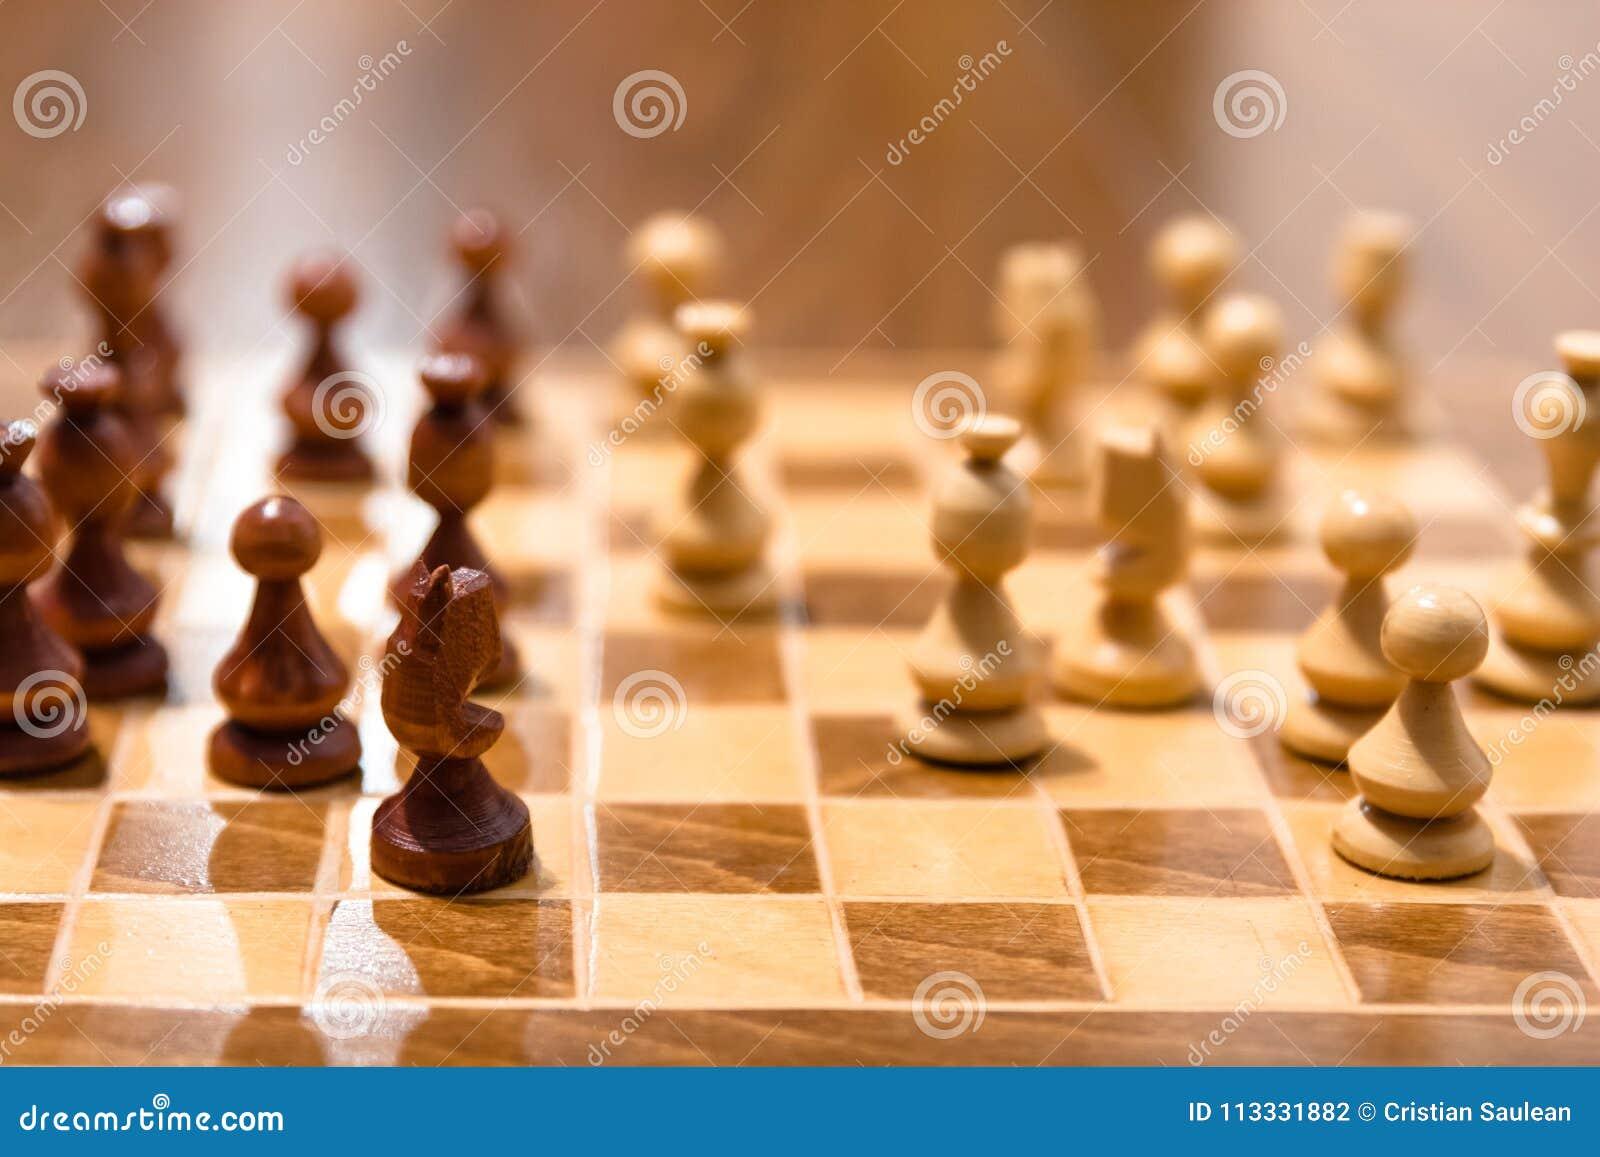 Placa do jogo de xadrez